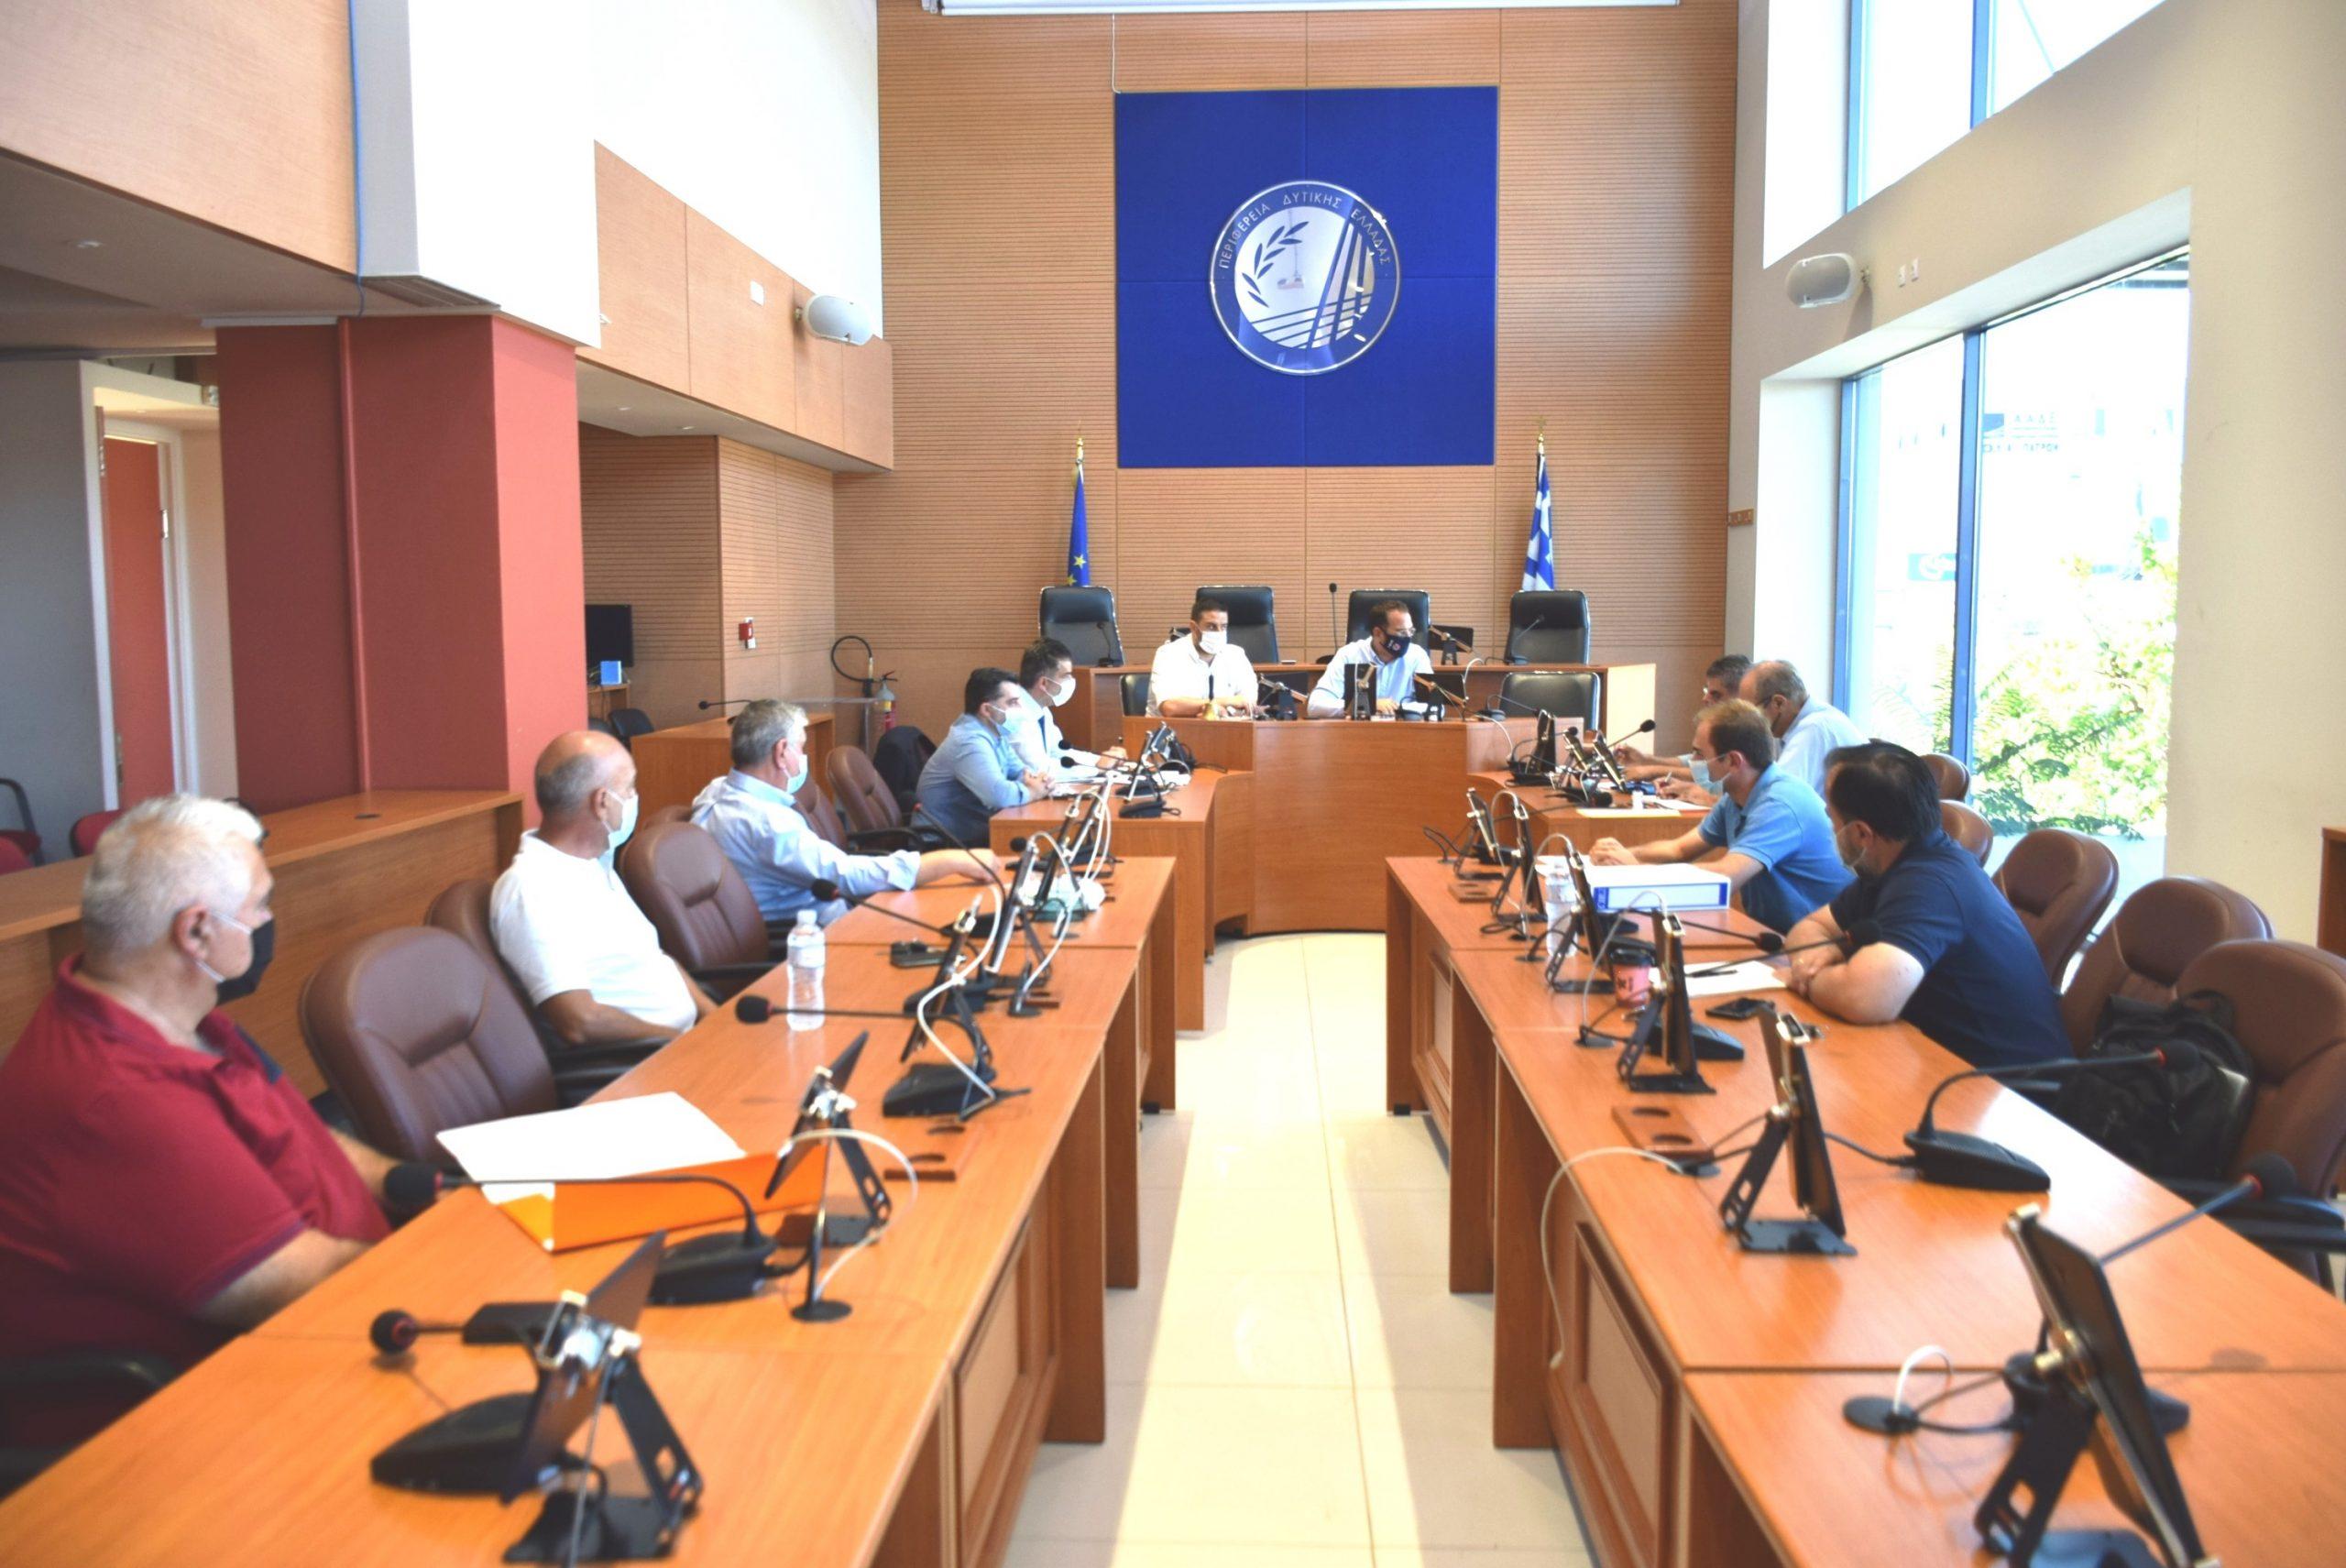 ΠΔΕ: Σύσκεψη για την προώθηση των έργων βελτίωσης της οδικής ασφάλειας στην Πατρών – Πύργου και την σύνδεση του Αγρινίου με την Ιόνια Οδό (photos)